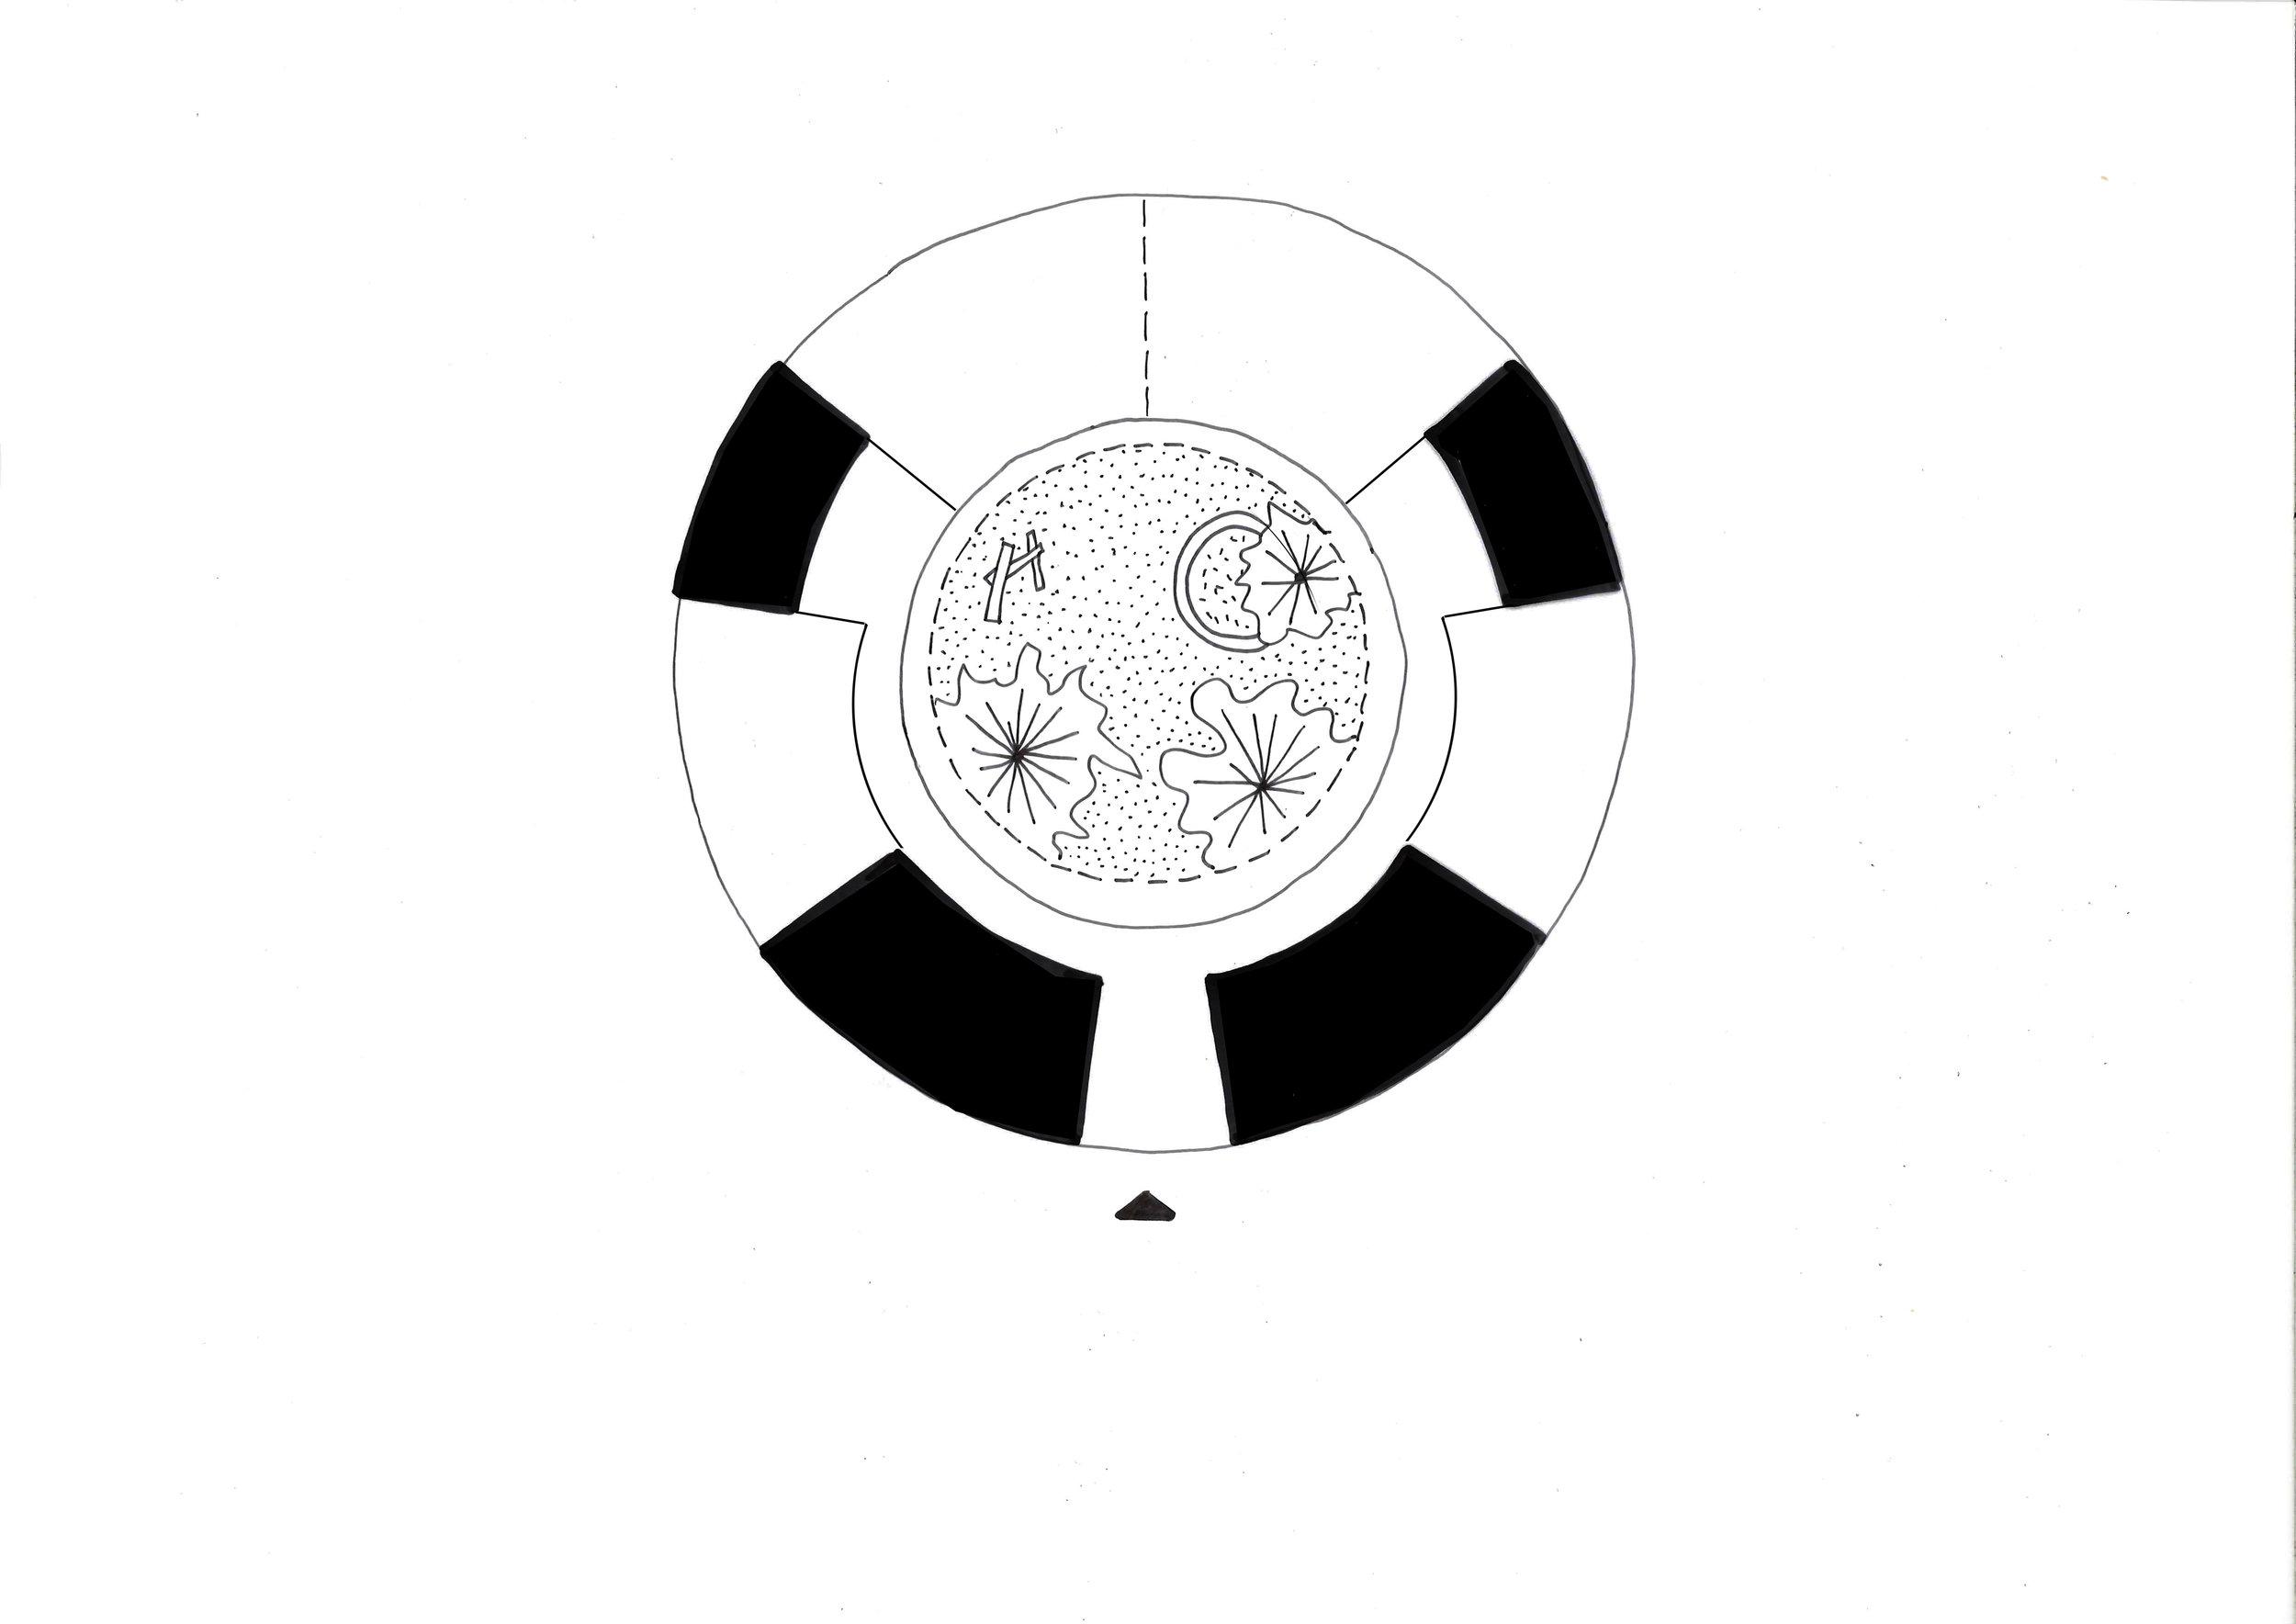 DHOOGE&MEGANCK-DE DRAAIMOLEN-SCHEMA CIRCLE.jpg